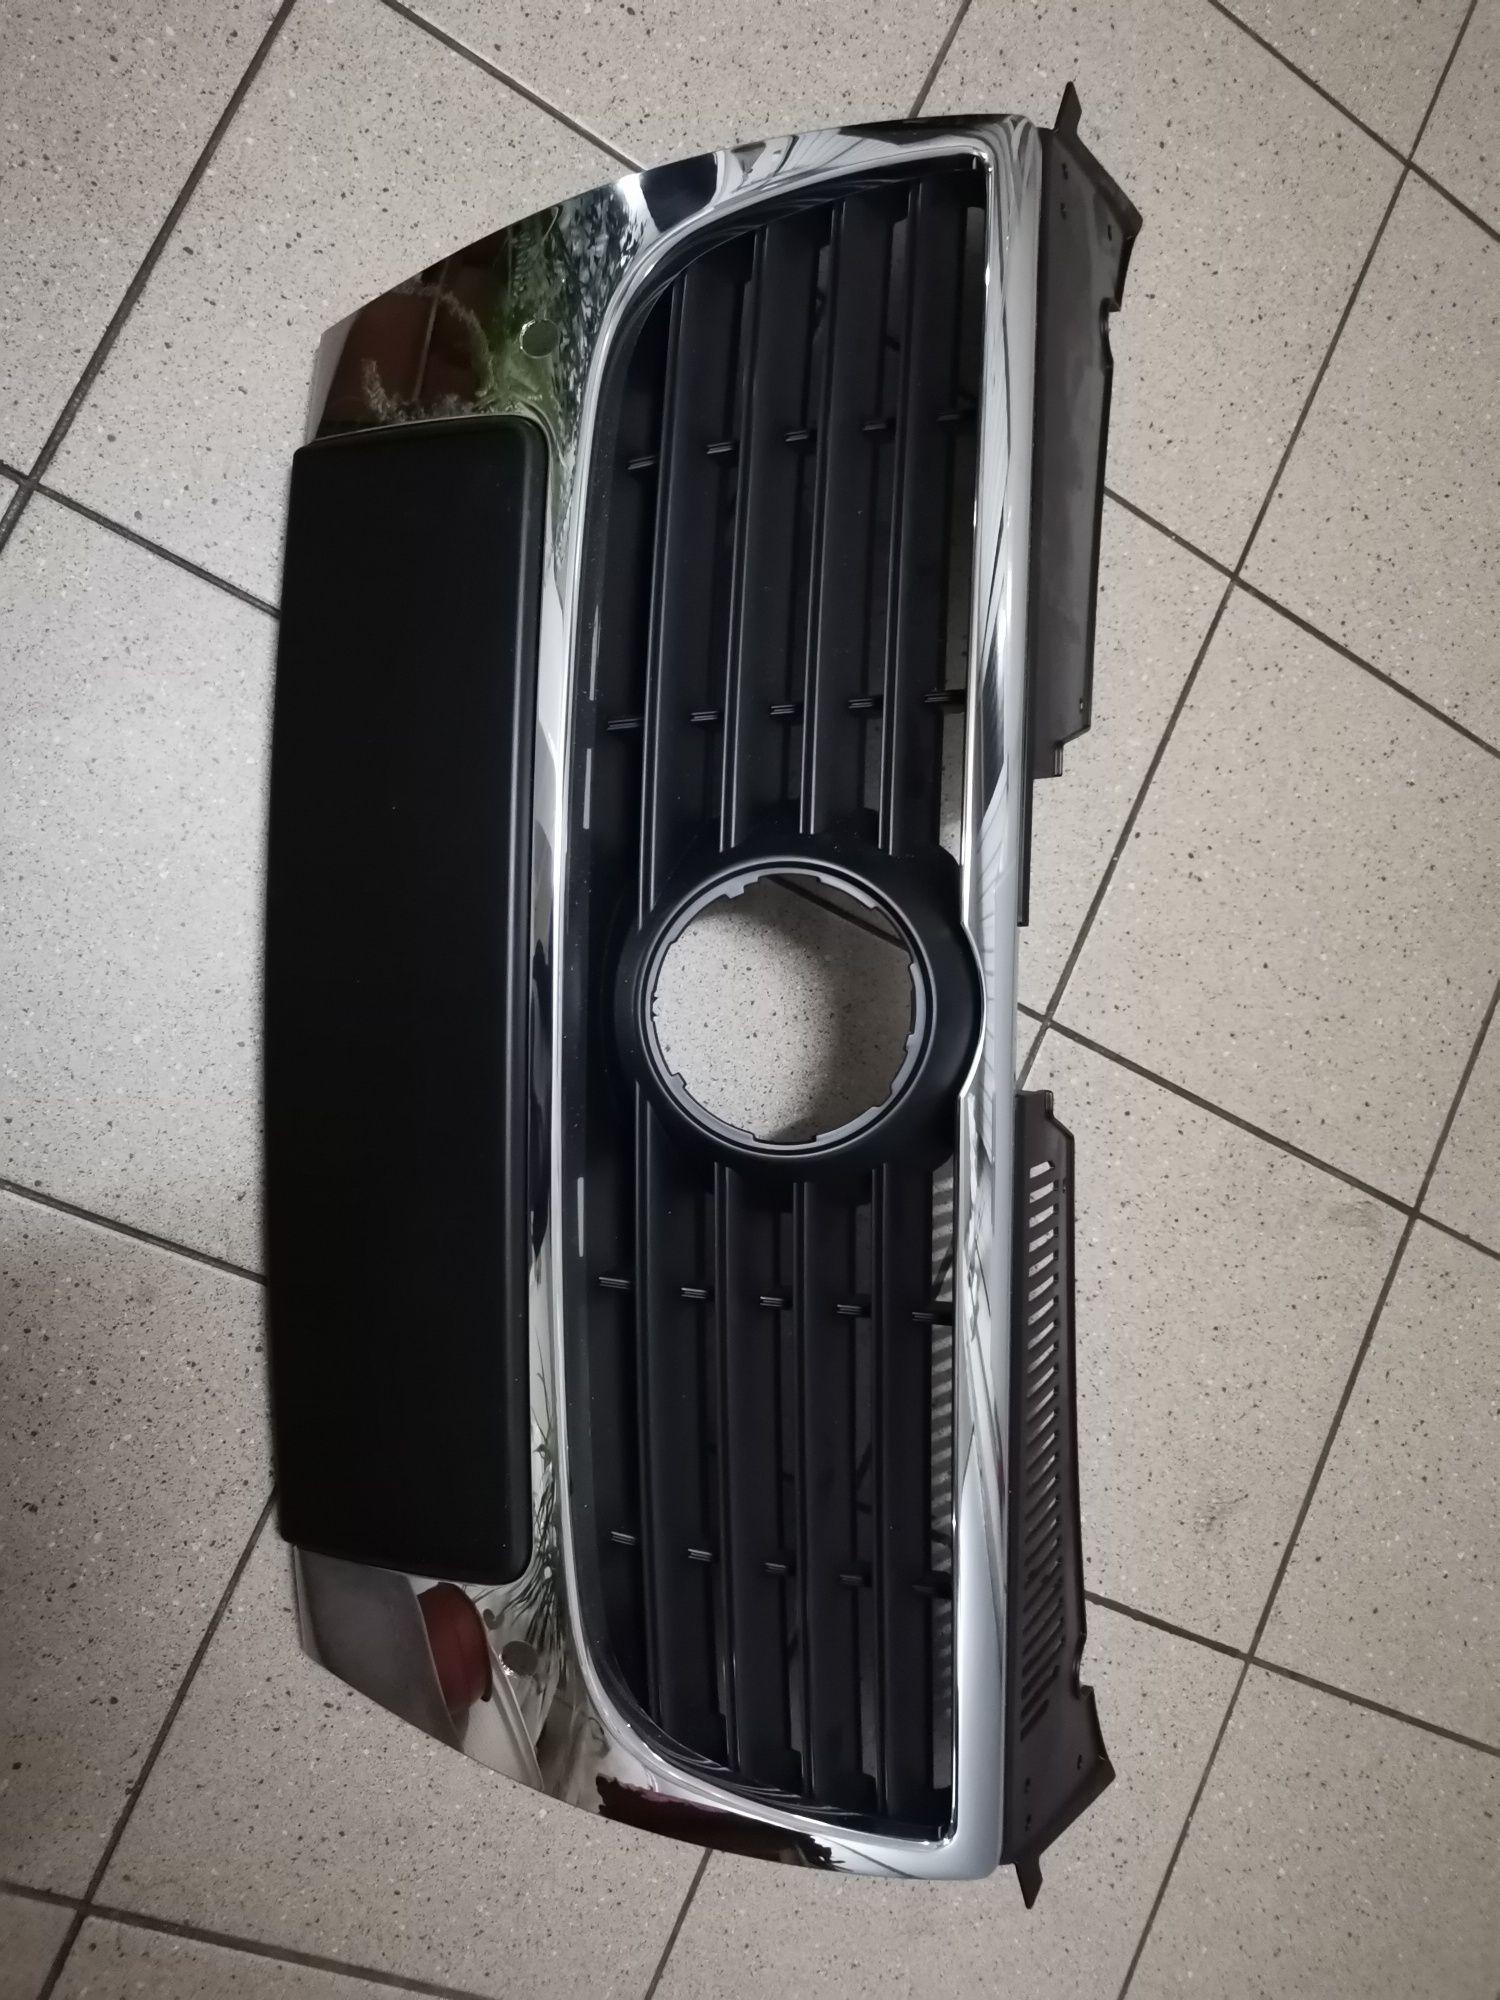 Grelha central de para-choques da frente VW passat de 2013